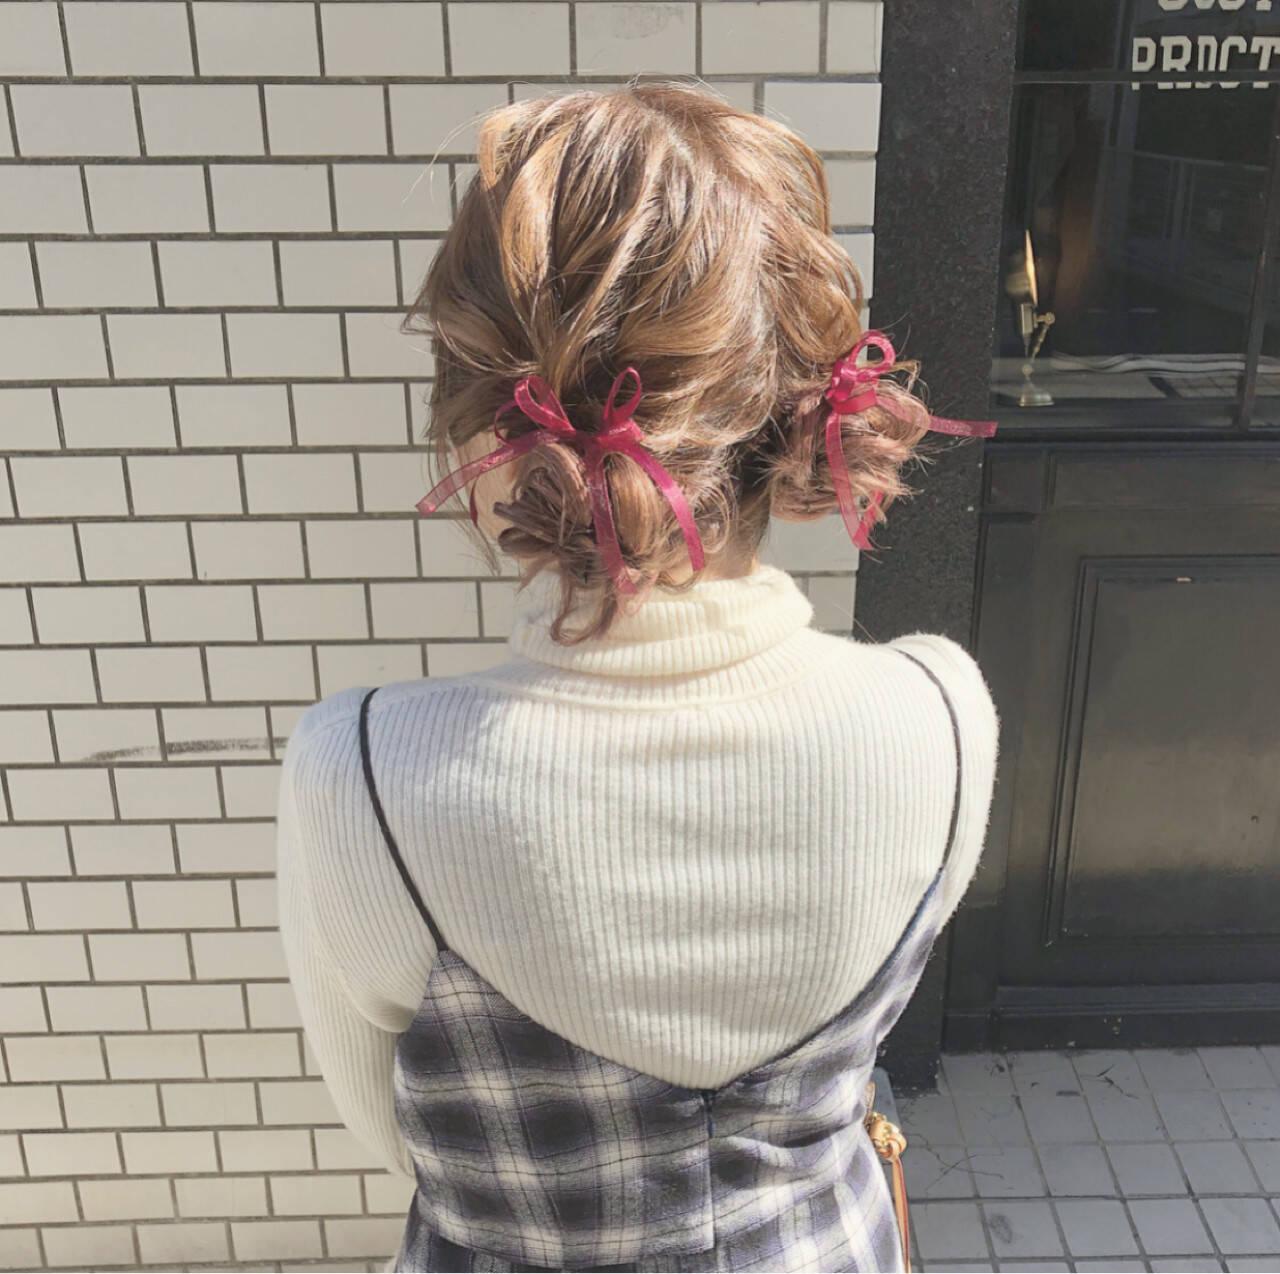 ツインお団子 ガーリー ヘアアレンジ セミロングヘアスタイルや髪型の写真・画像